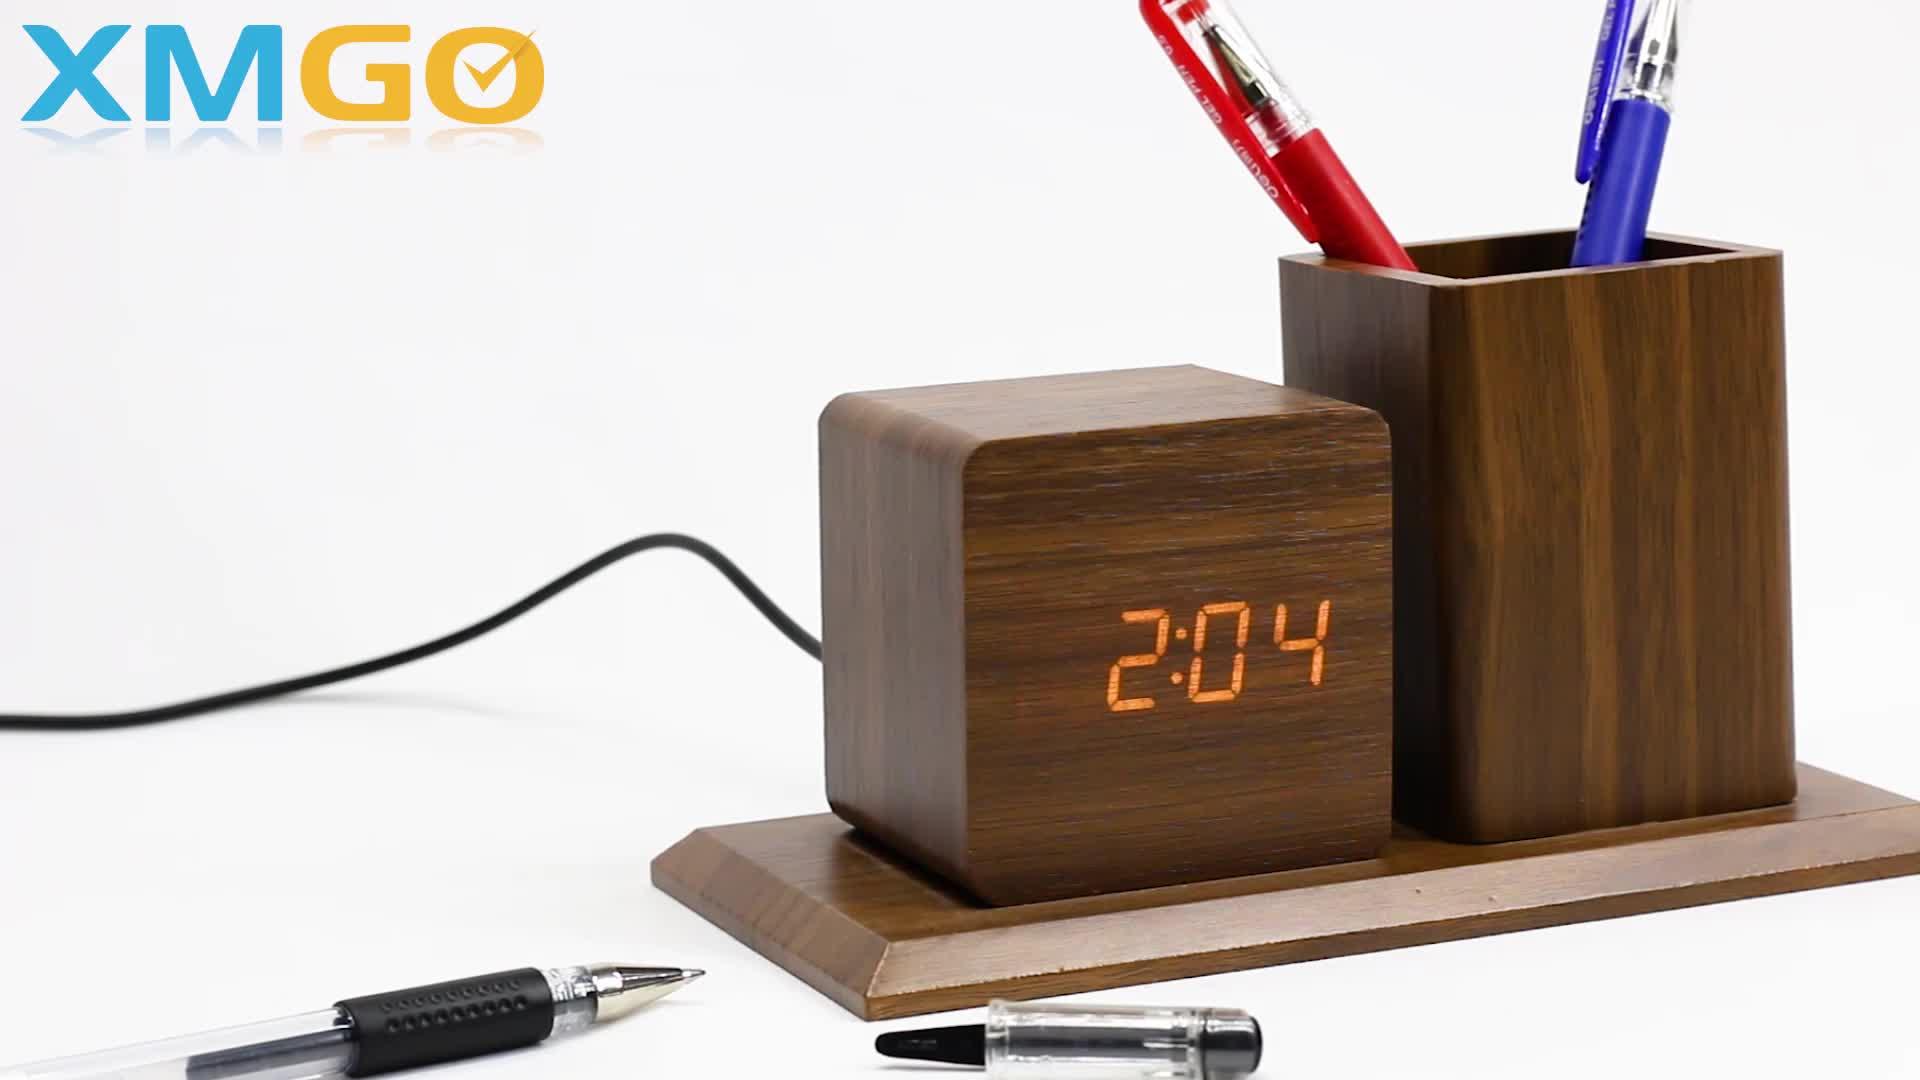 KH-WC009 Office Desktop Cube Digital Alarm LED Wooden Clock With Pen Holder